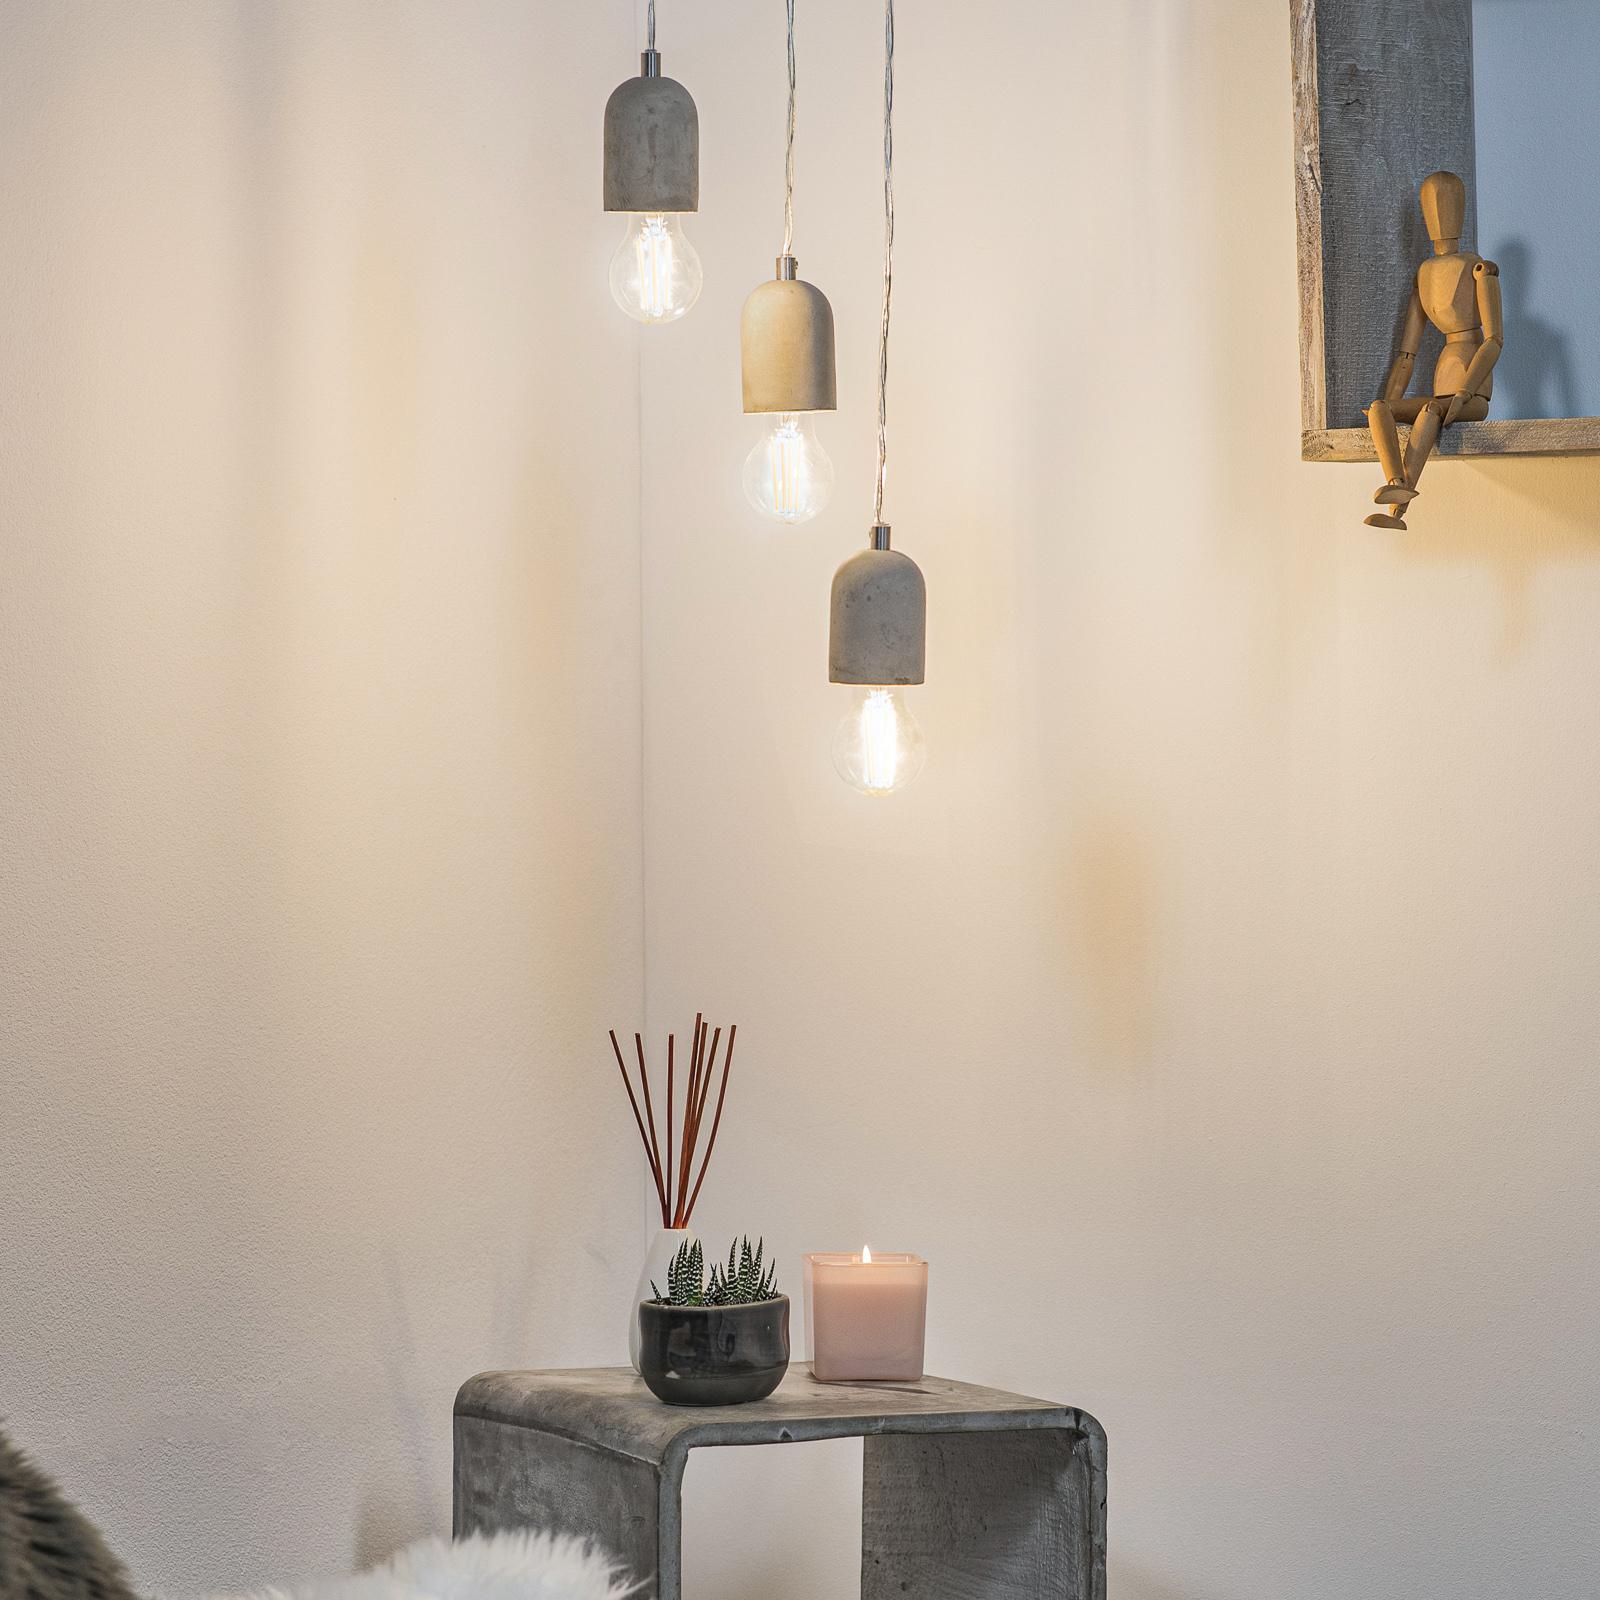 Suspension au design minimaliste Silvares